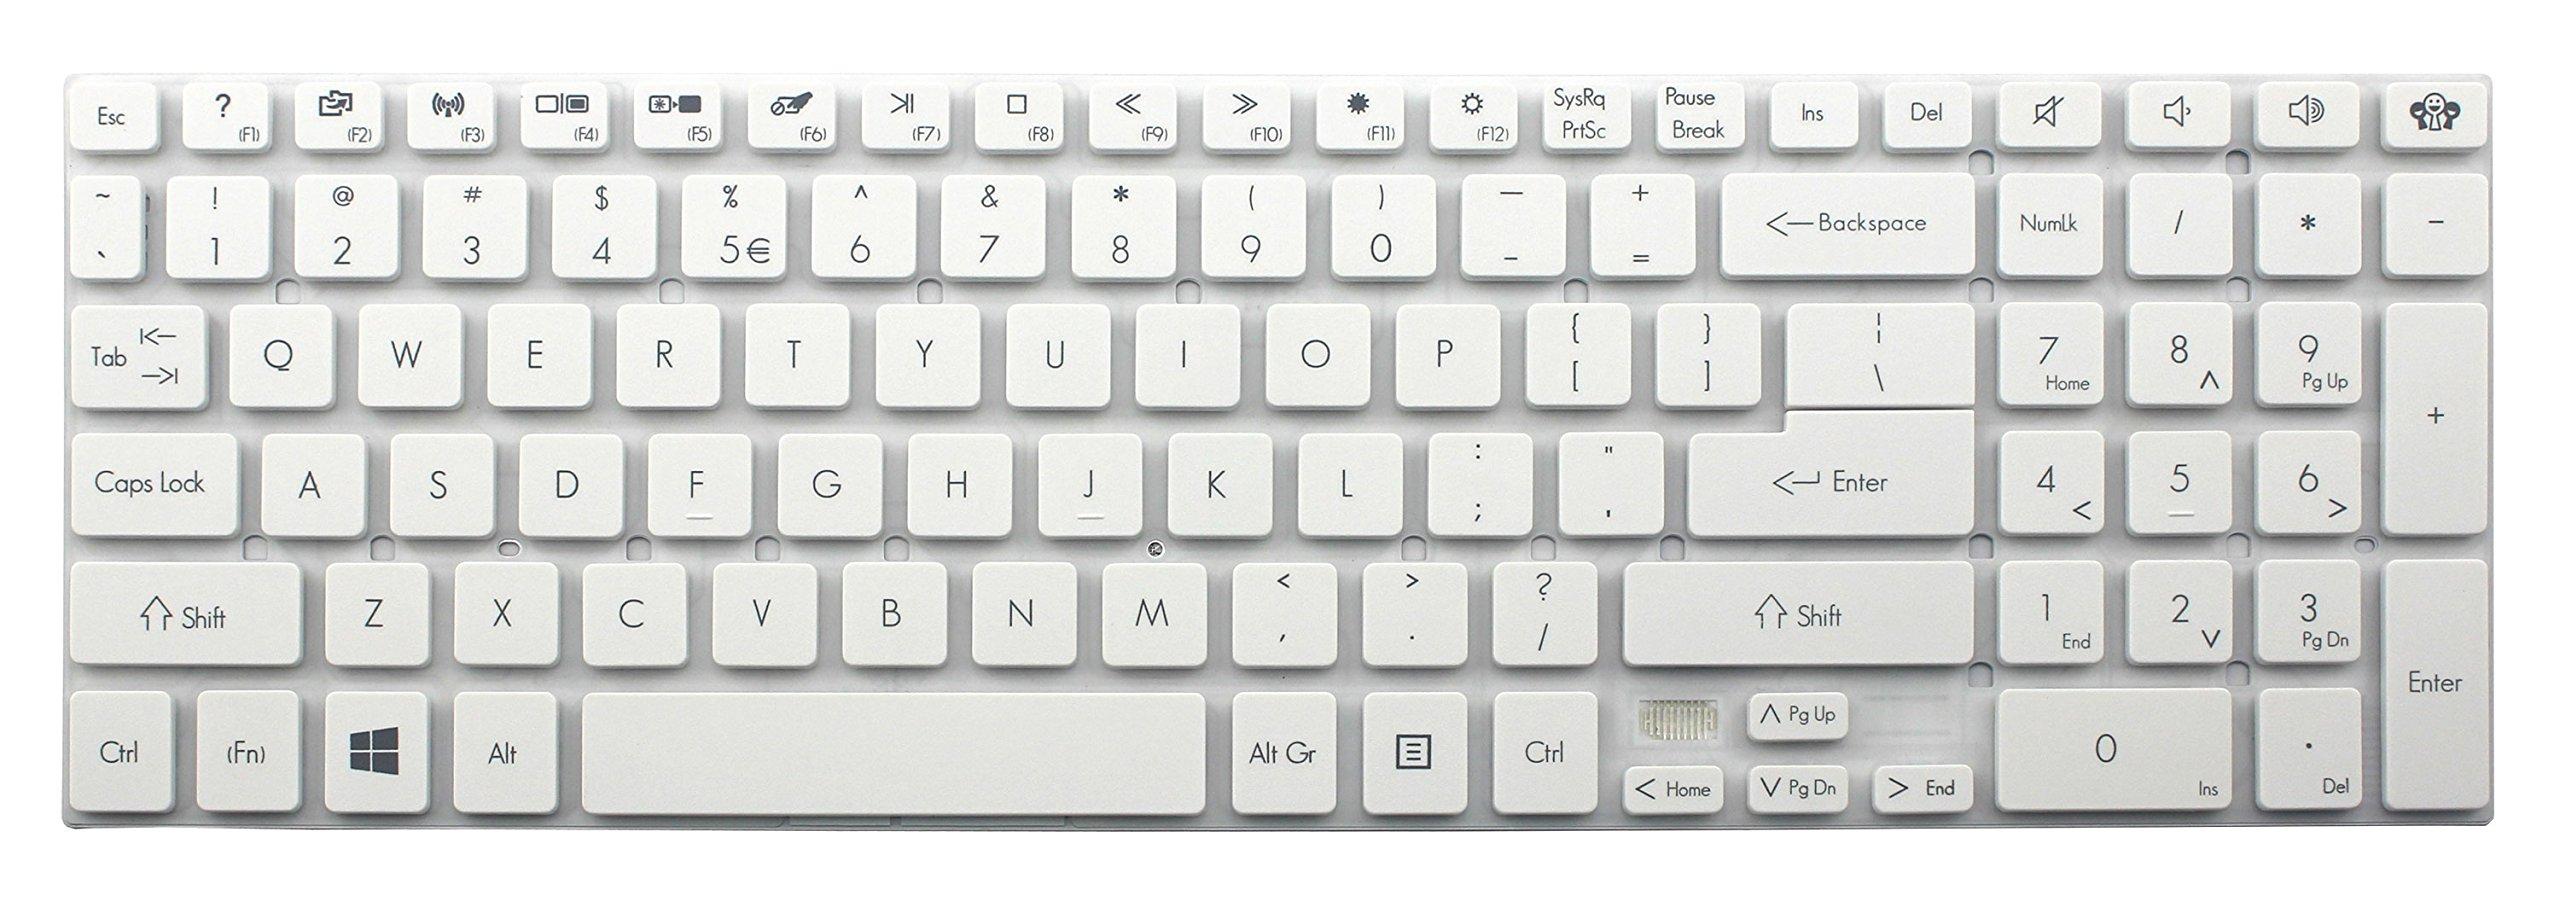 CHNASAWE Laptop US White Keyboard without Frame for Gateway NV76R NV76R02h NV76R03h NV76R06u NV76R16u NV76R23u NV76R24u NV76R25u NV76R29u NV76R30u NV76R31u NV76R32u NV76R38u NV76R44u NV76R45u NV76R47u